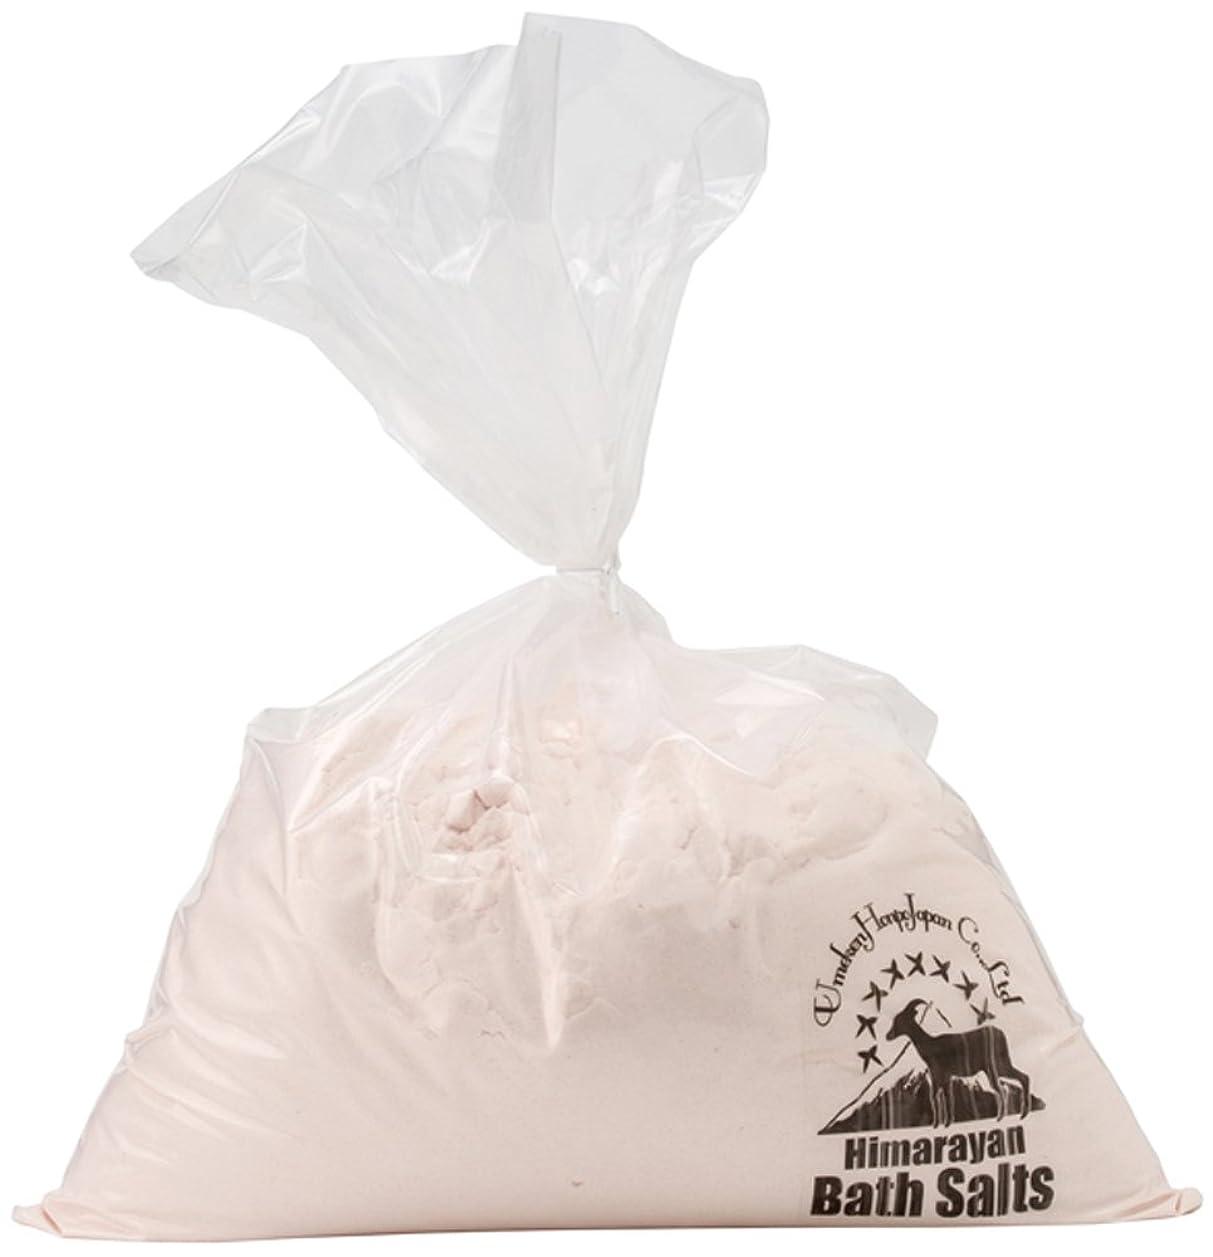 クロス分析するディンカルビルヒマラヤ岩塩 バスソルト ピンク パウダー 5kg